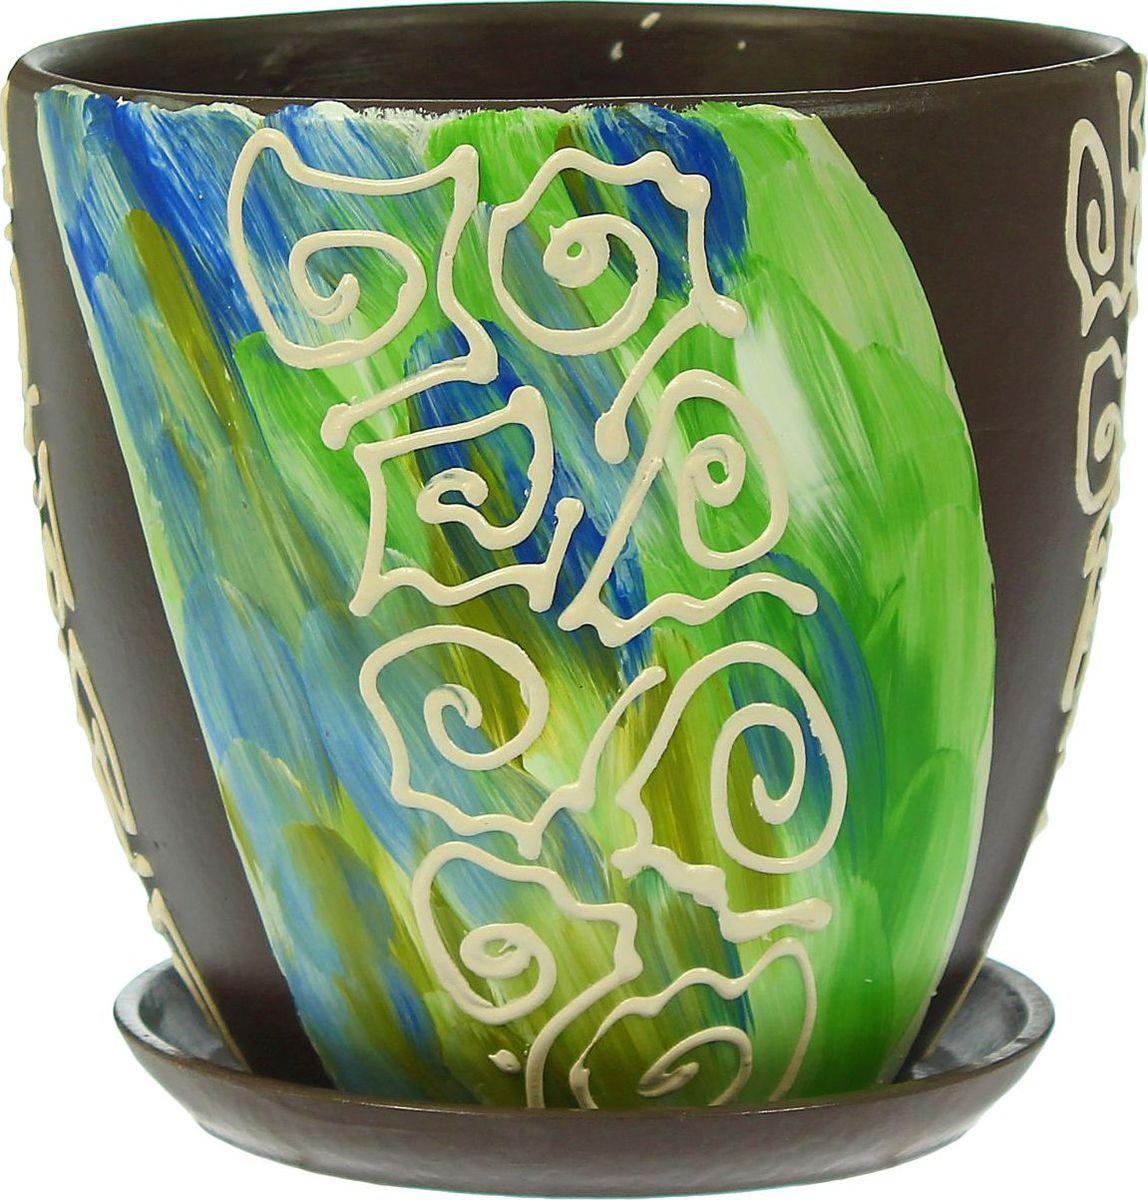 Кашпо Аква, 2,6 л1403444Комнатные растения — всеобщие любимцы. Они радуют глаз, насыщают помещение кислородом и украшают пространство. Каждому из них необходим свой удобный и красивый дом. Кашпо из керамики прекрасно подходят для высадки растений: за счёт пластичности глины и разных способов обработки существует великое множество форм и дизайновпористый материал позволяет испаряться лишней влагевоздух, необходимый для дыхания корней, проникает сквозь керамические стенки! #name# позаботится о зелёном питомце, освежит интерьер и подчеркнёт его стиль.